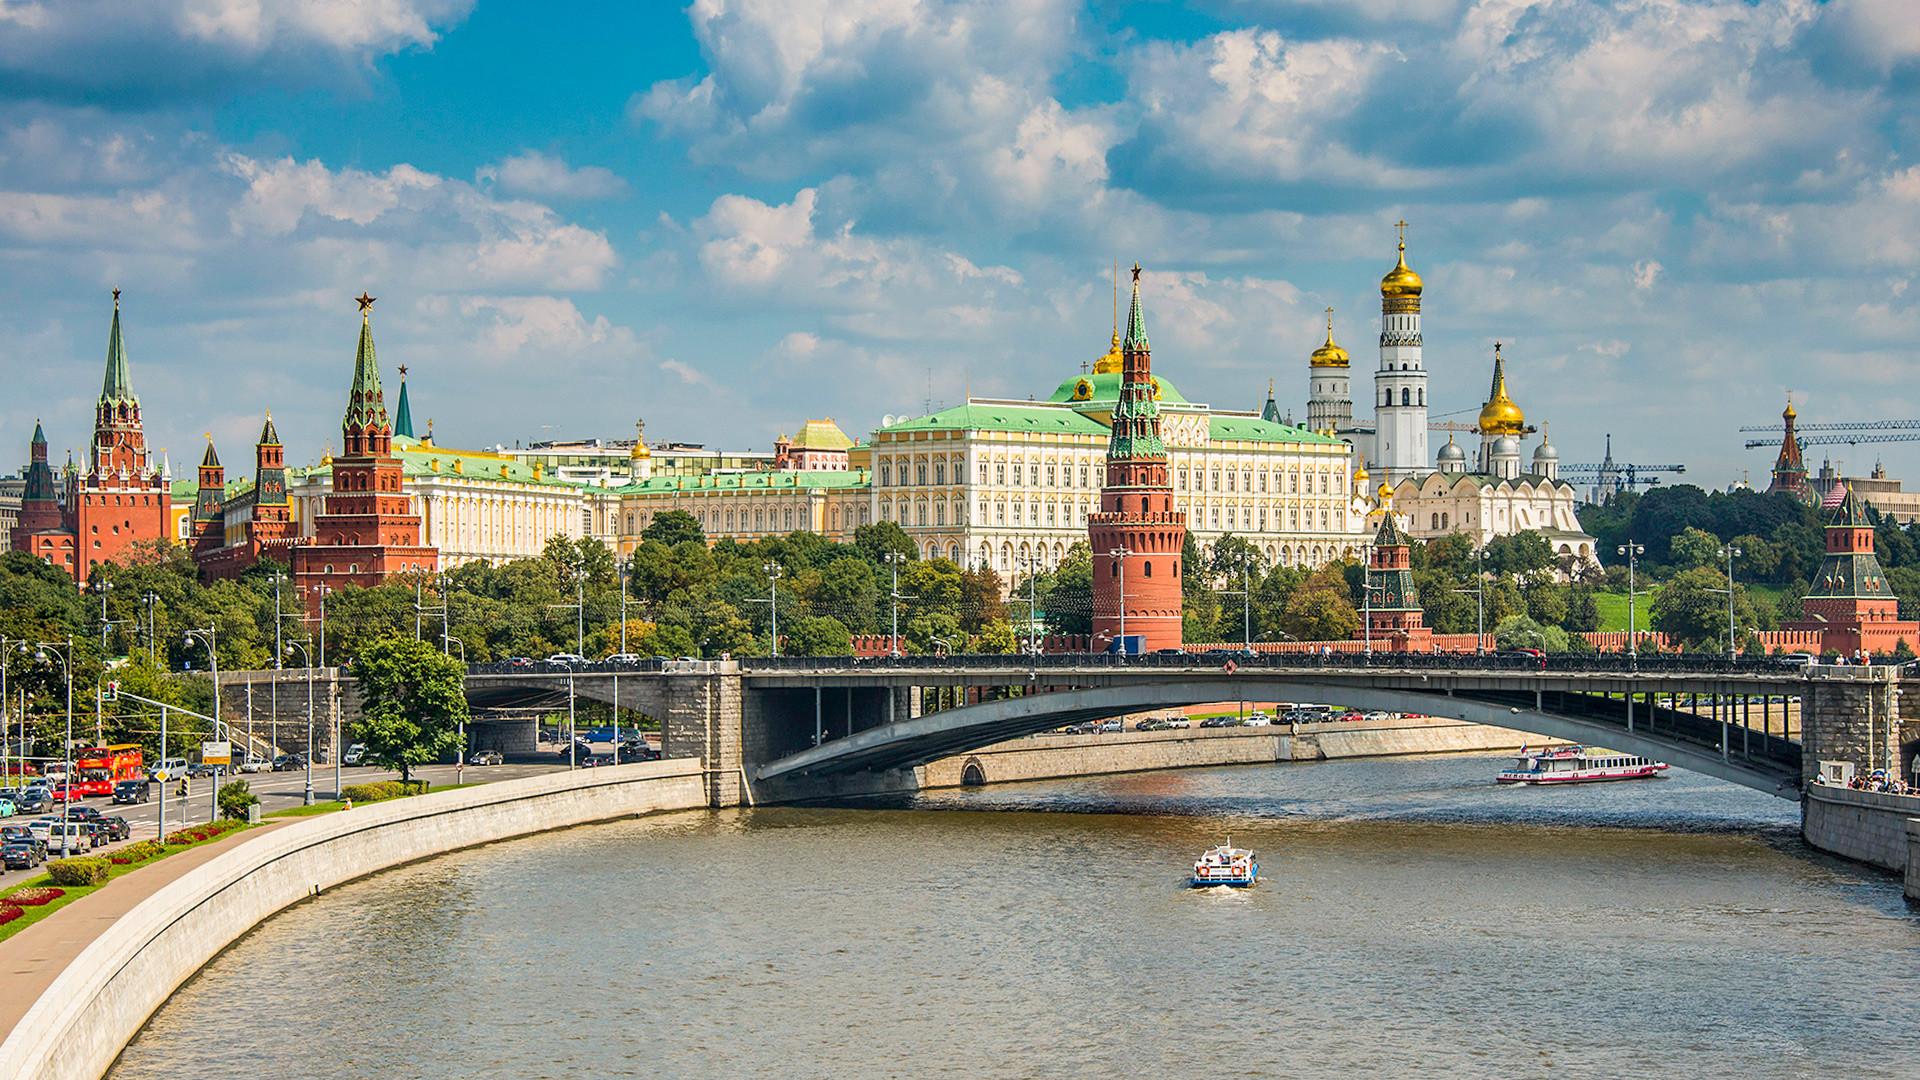 クレムリンの塔の20の事実 - ロシア・ビヨンド